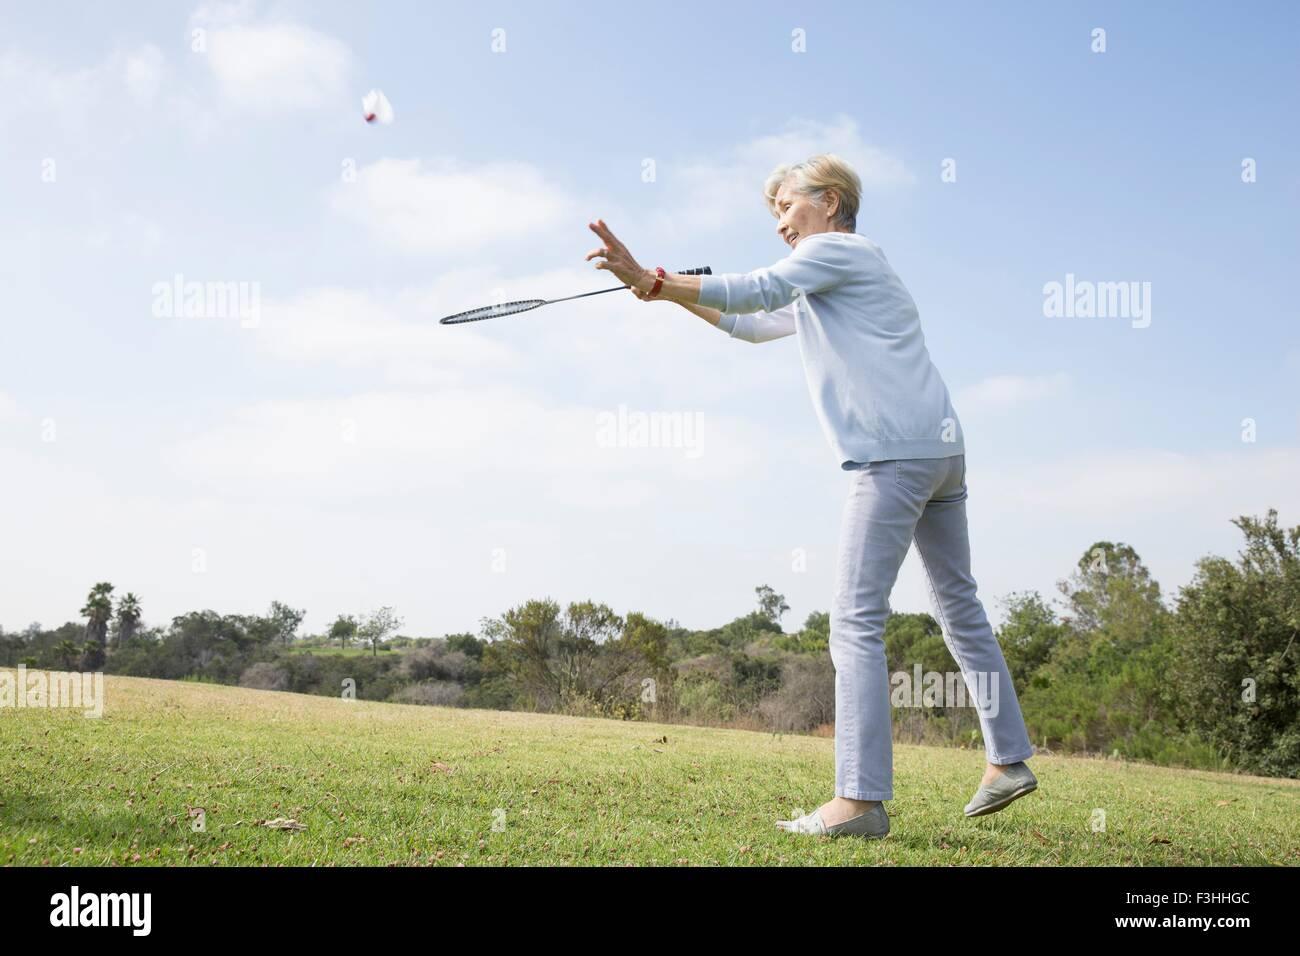 Mujer jugando Senior badminton en estacionamiento Imagen De Stock